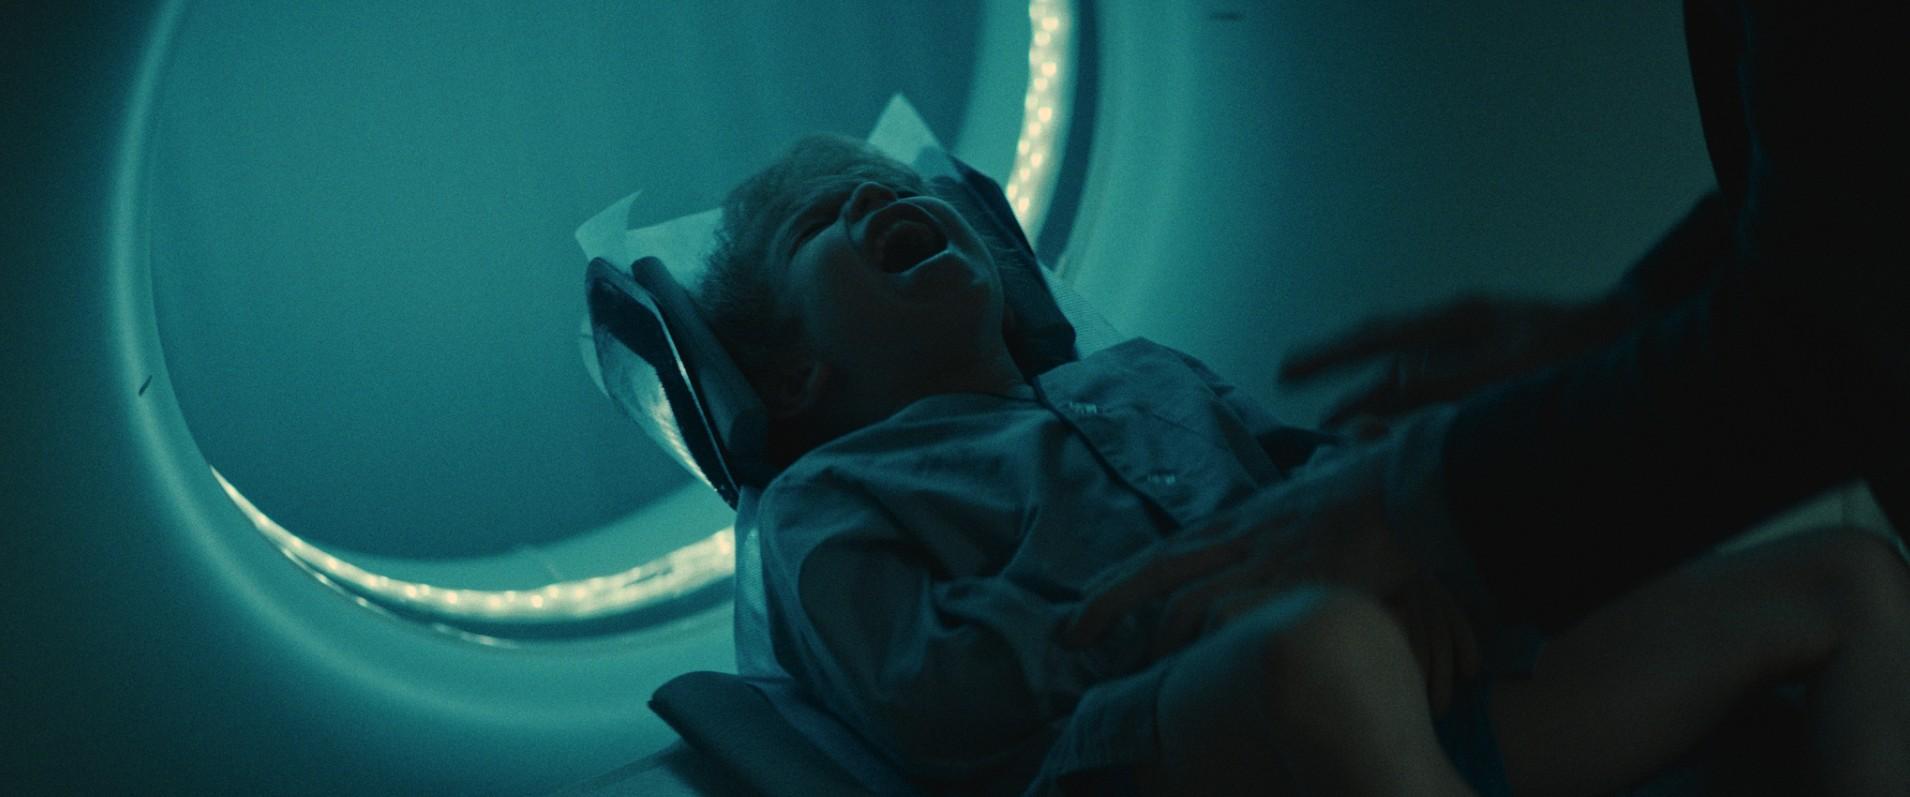 俄國當地謠傳恐怖《陰兒》地獄養子事件流傳多時首度公開 Aoanao16